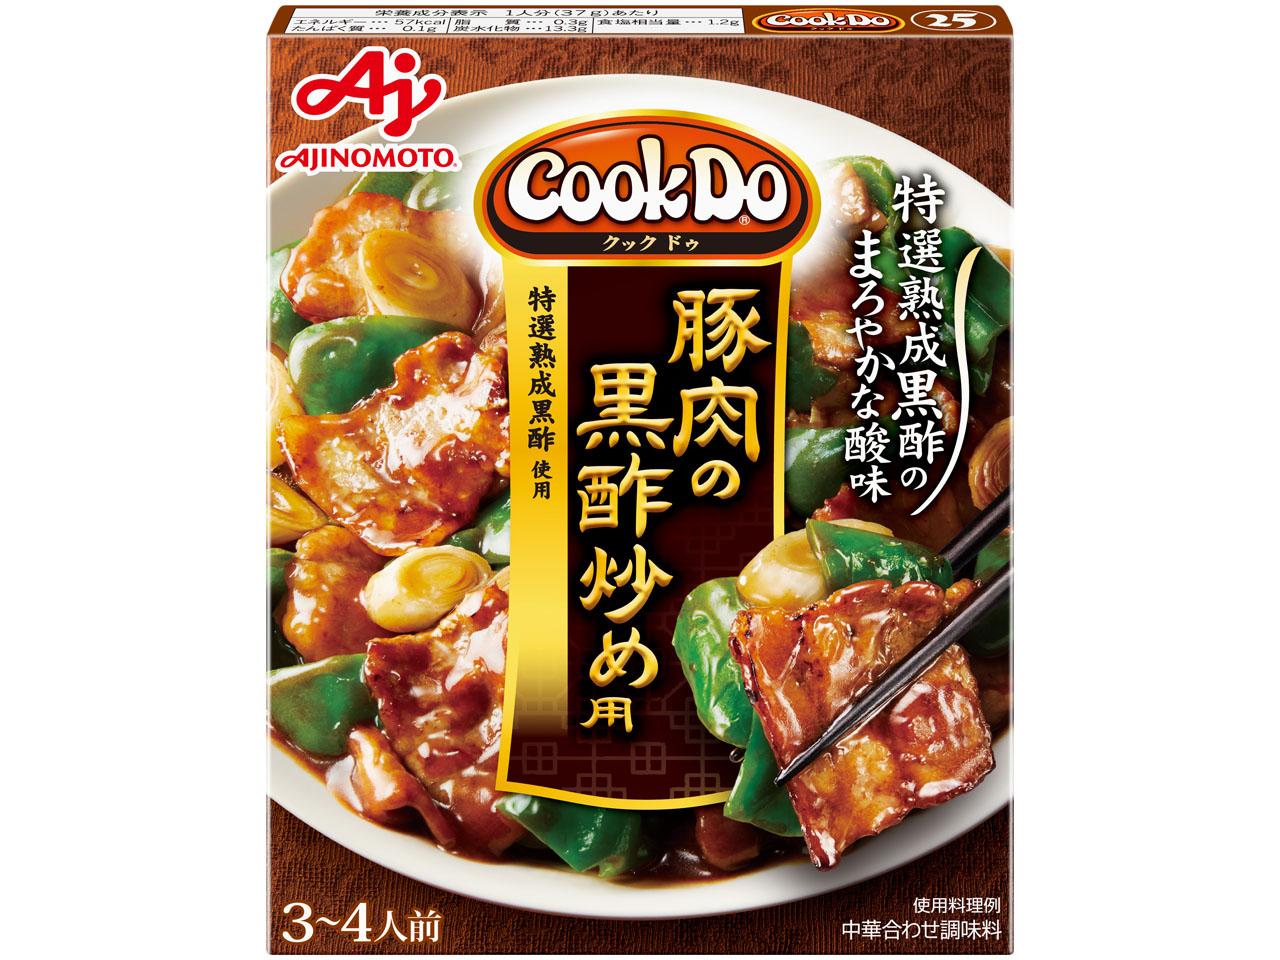 「Cook Do」豚肉の黒酢炒め用